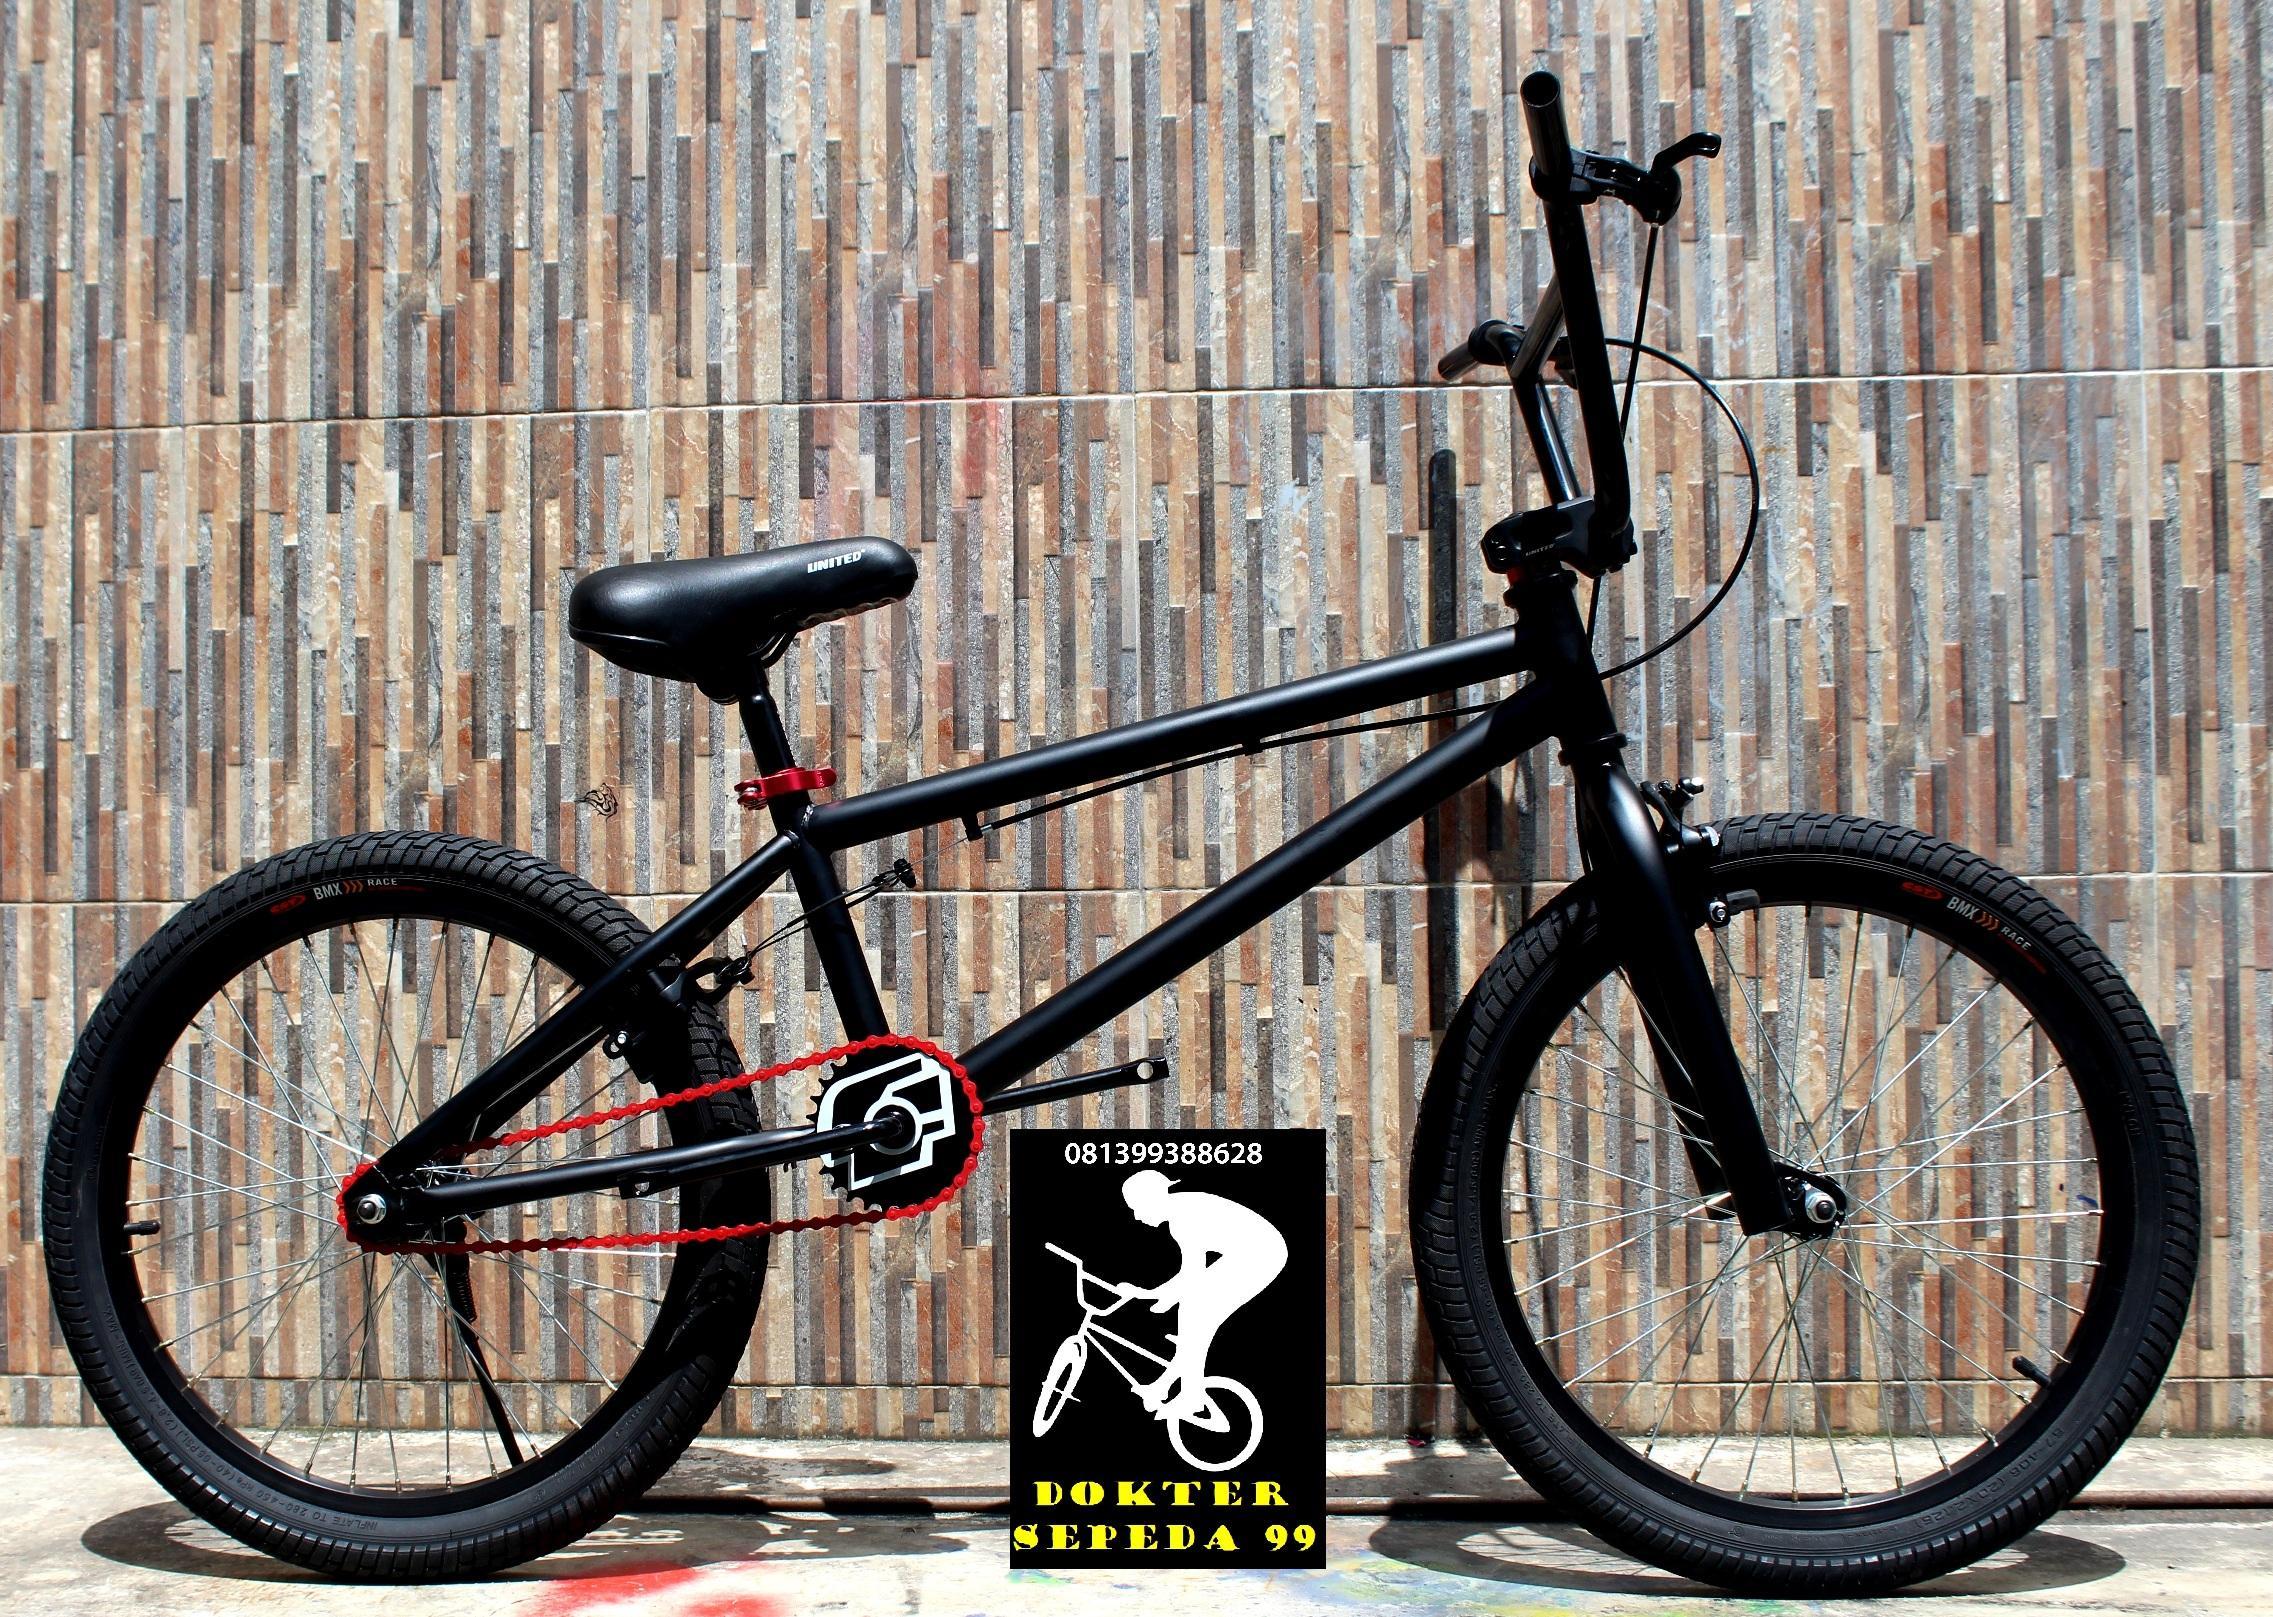 87 Gambar Modifikasi Sepeda Ontel Drag Paling Bagus Gambar Pixabay